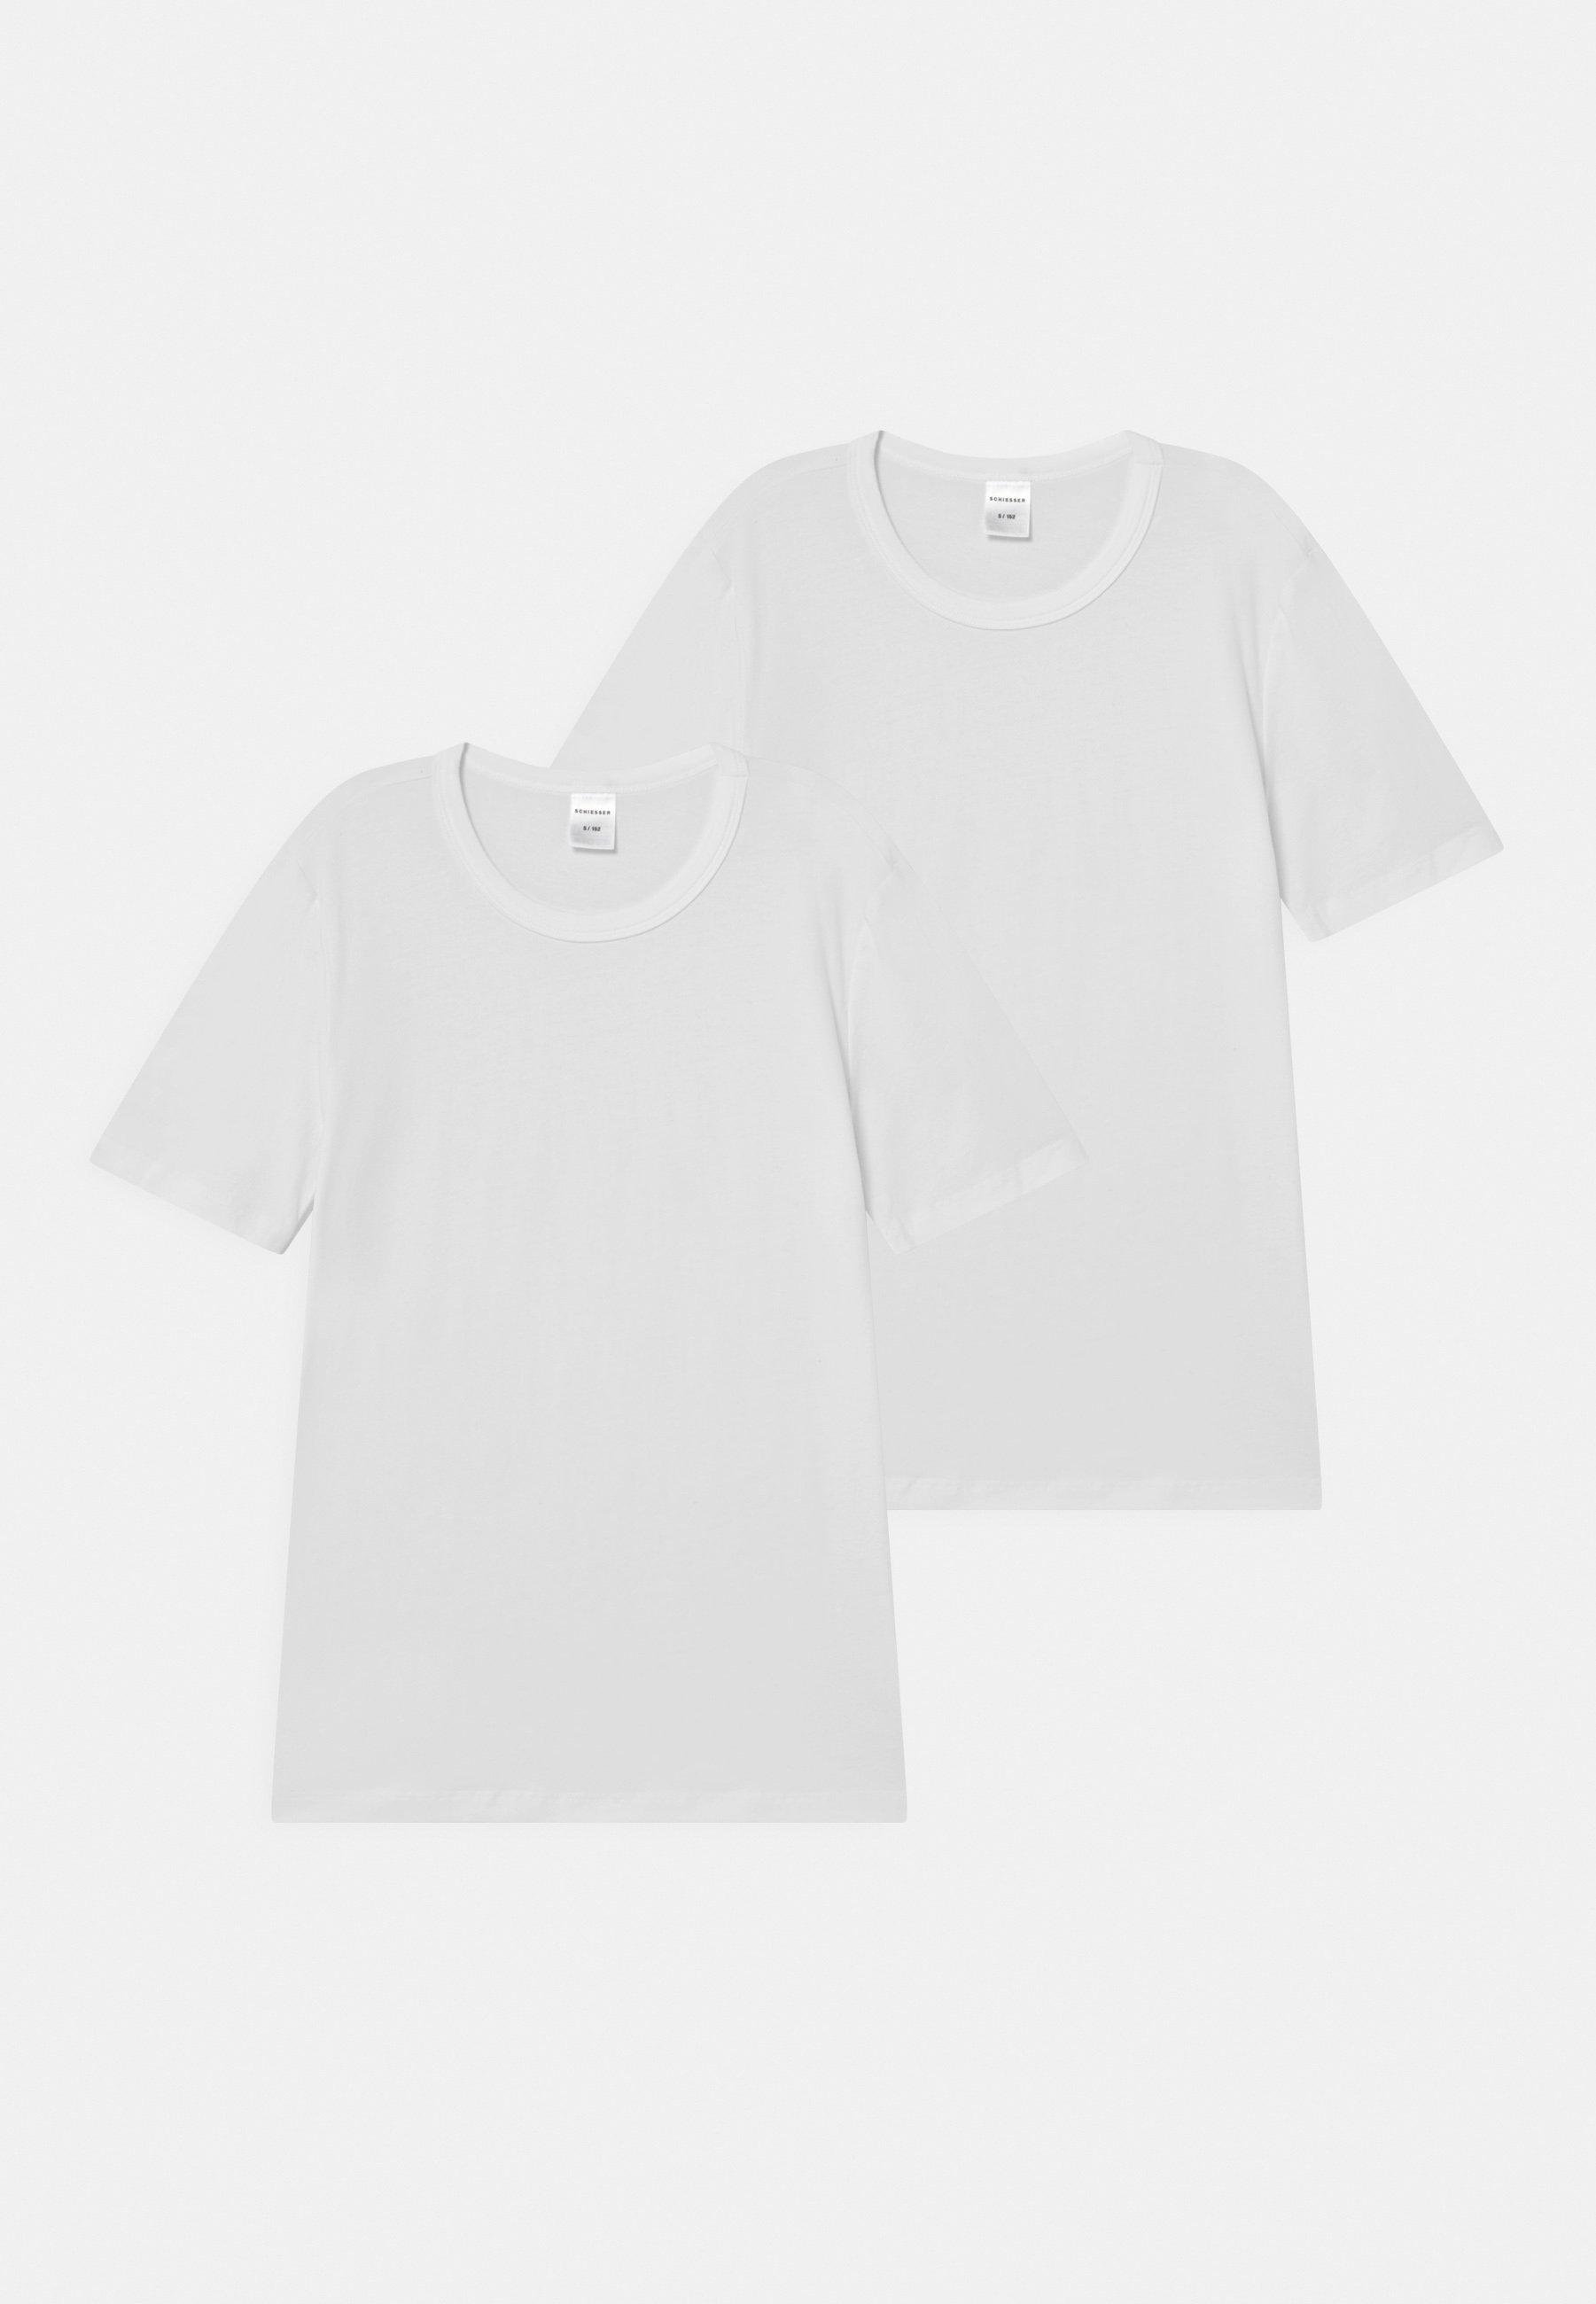 Niño 95/5 2 PACK - Camiseta interior